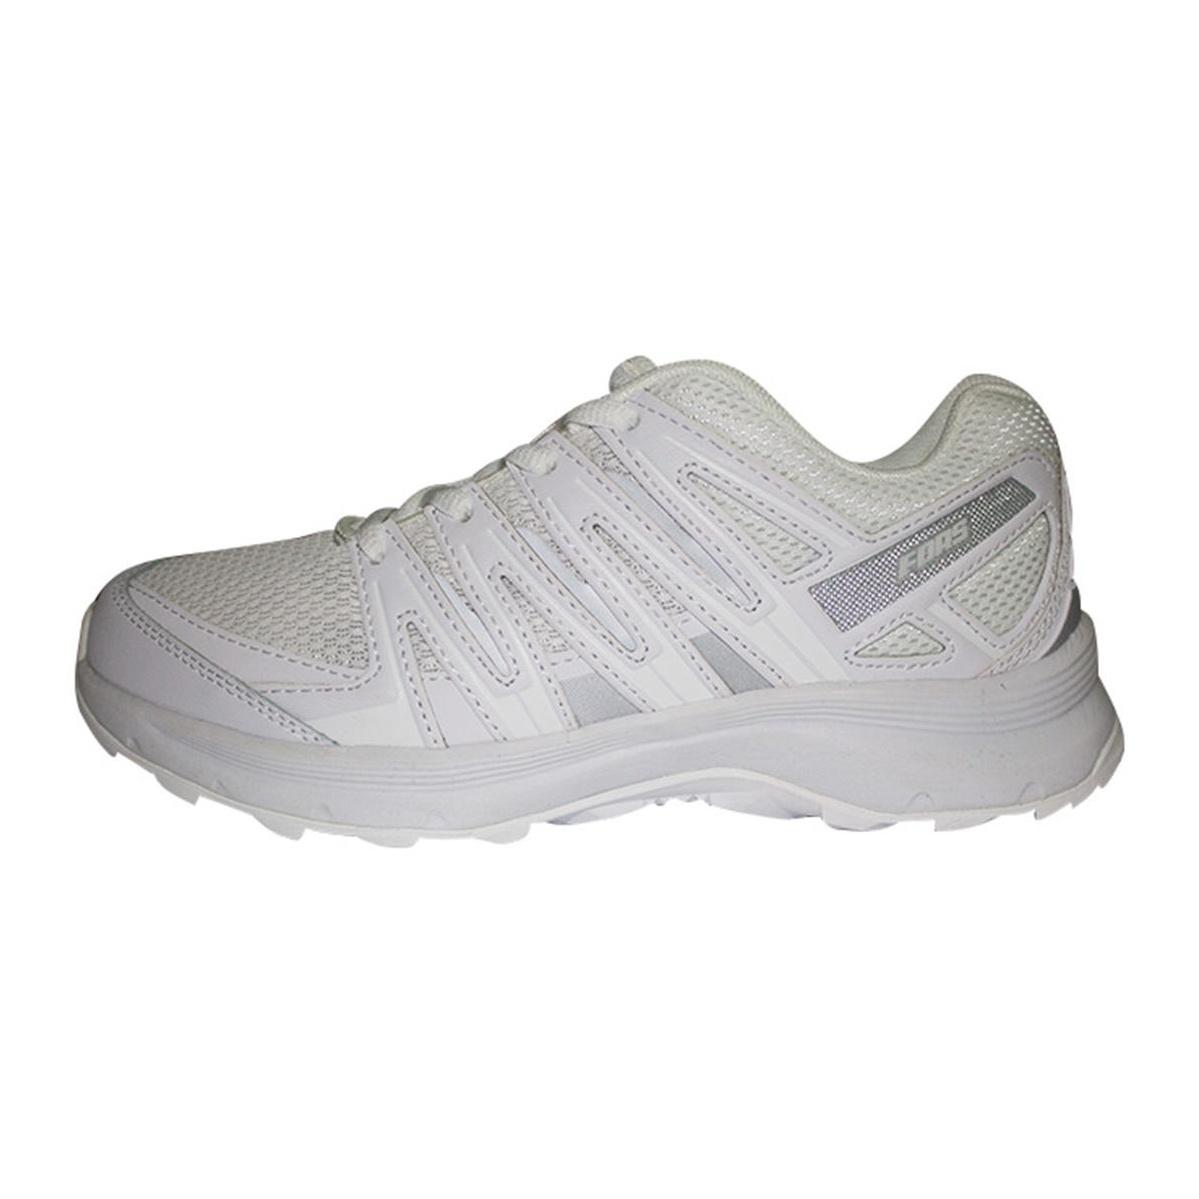 کفش مخصوص پیاده روی زنانه فورس مدل 3122f4W